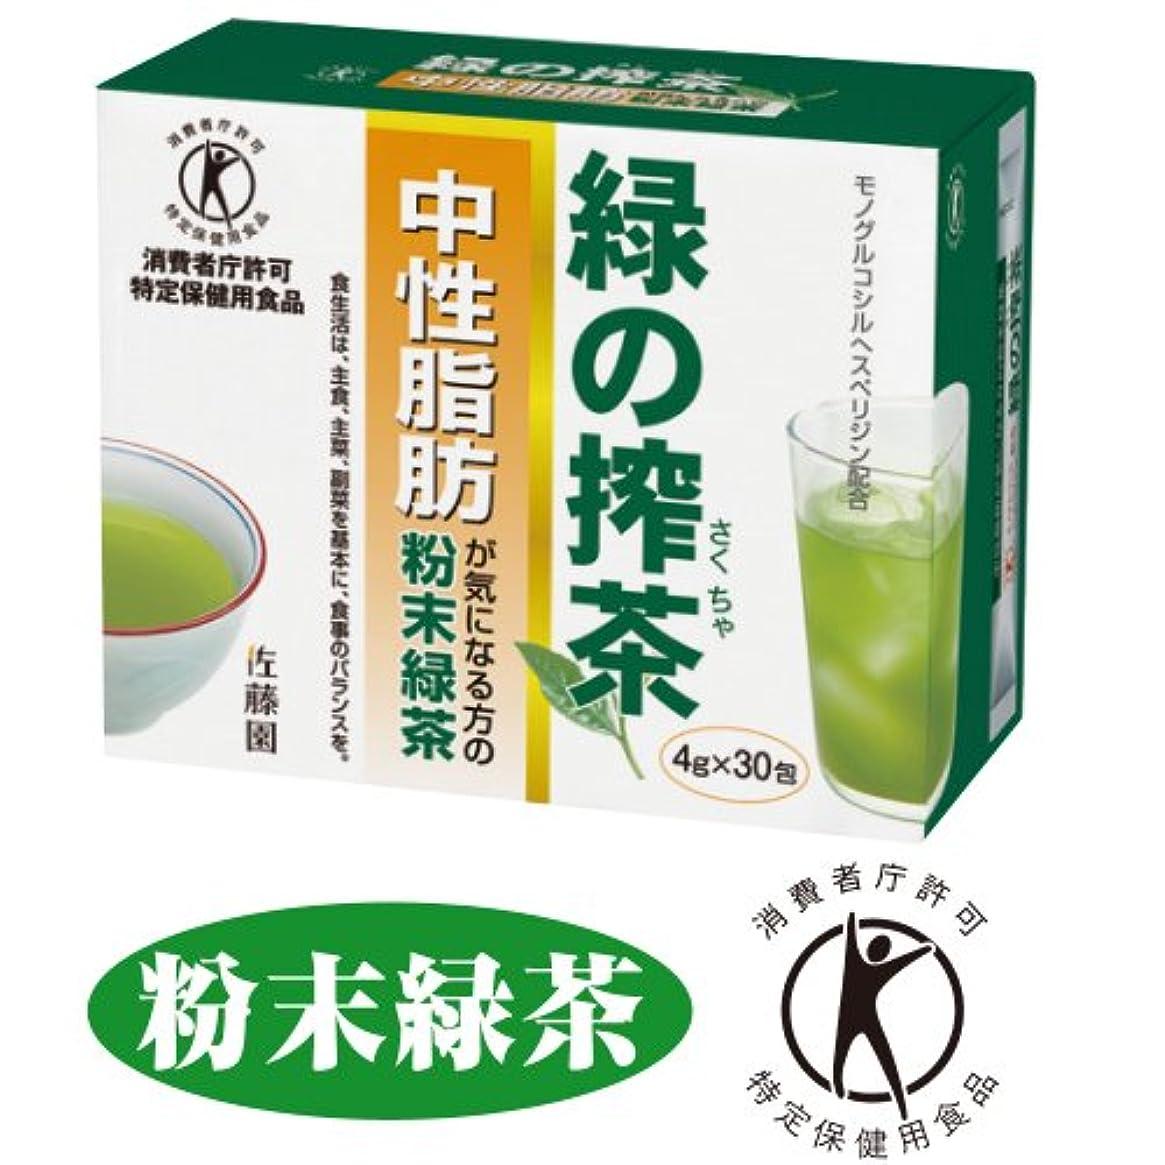 コスチューム雲佐藤園のトクホのお茶 緑の搾茶(中性脂肪) 30包 [特定保健用食品]